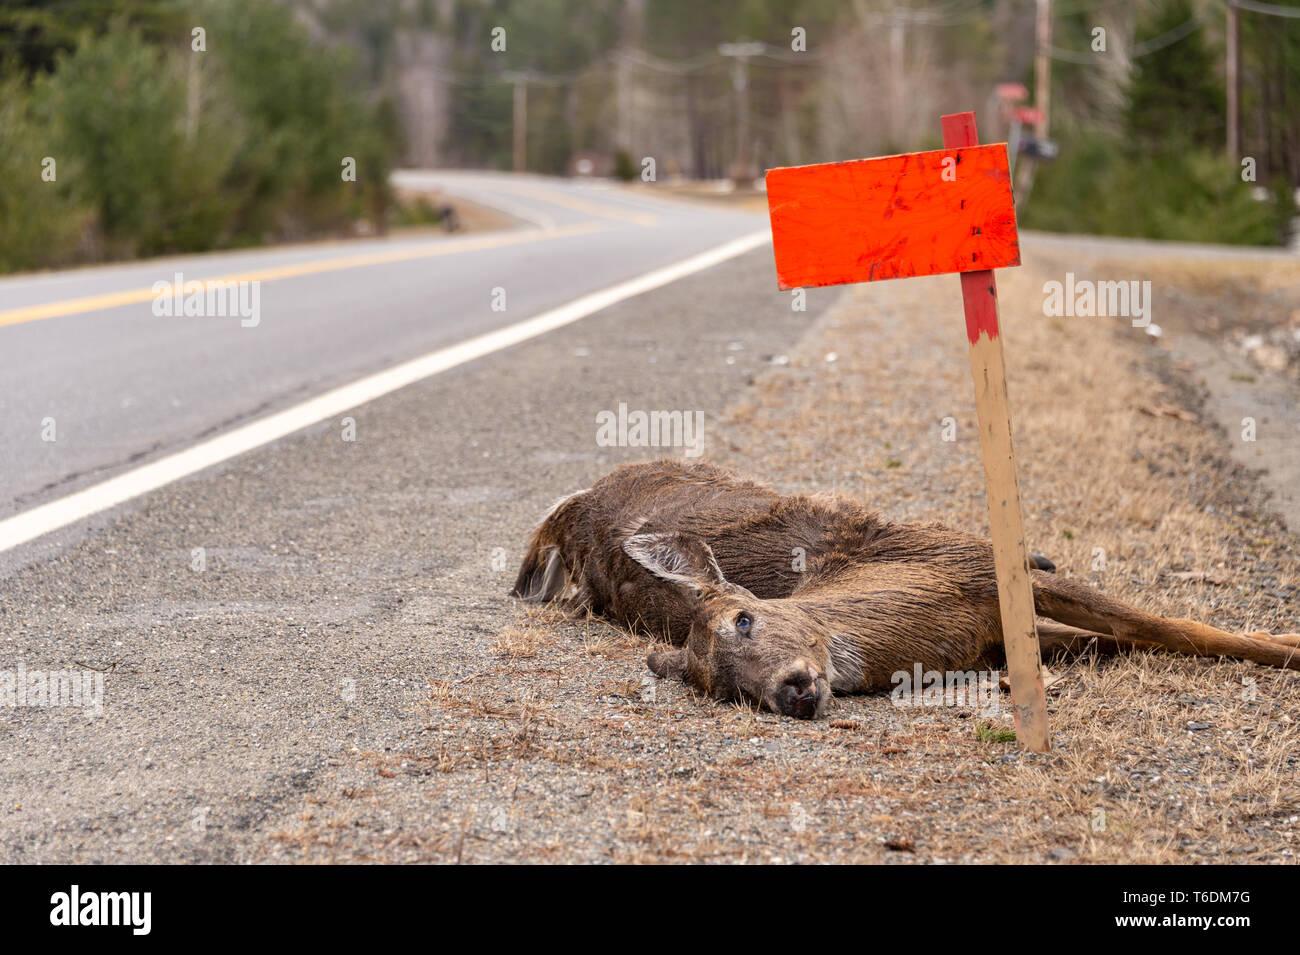 Dead Body Car Crash Stock Photos & Dead Body Car Crash Stock